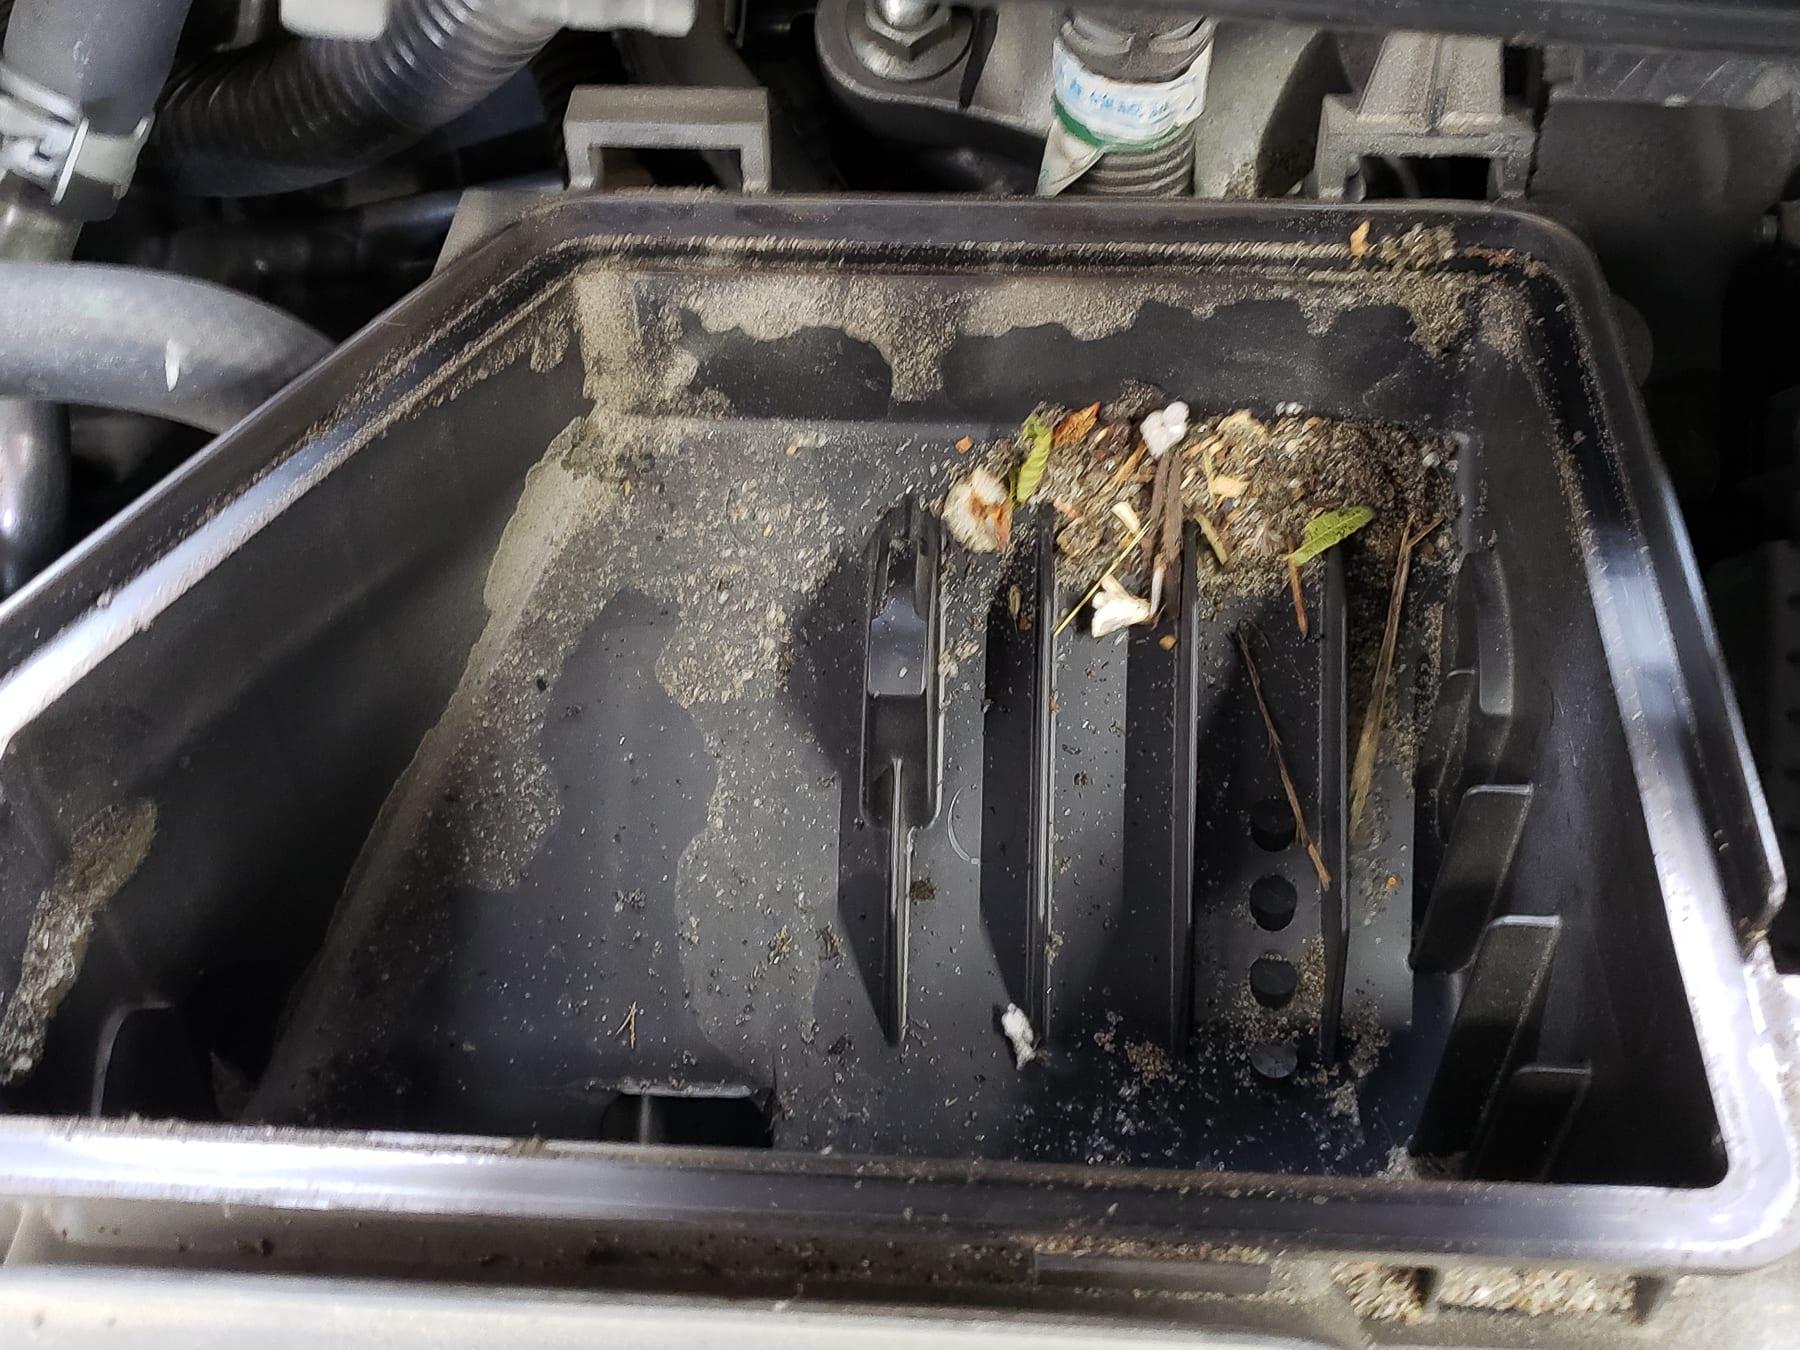 2016 Honda Civic Maintenance Service